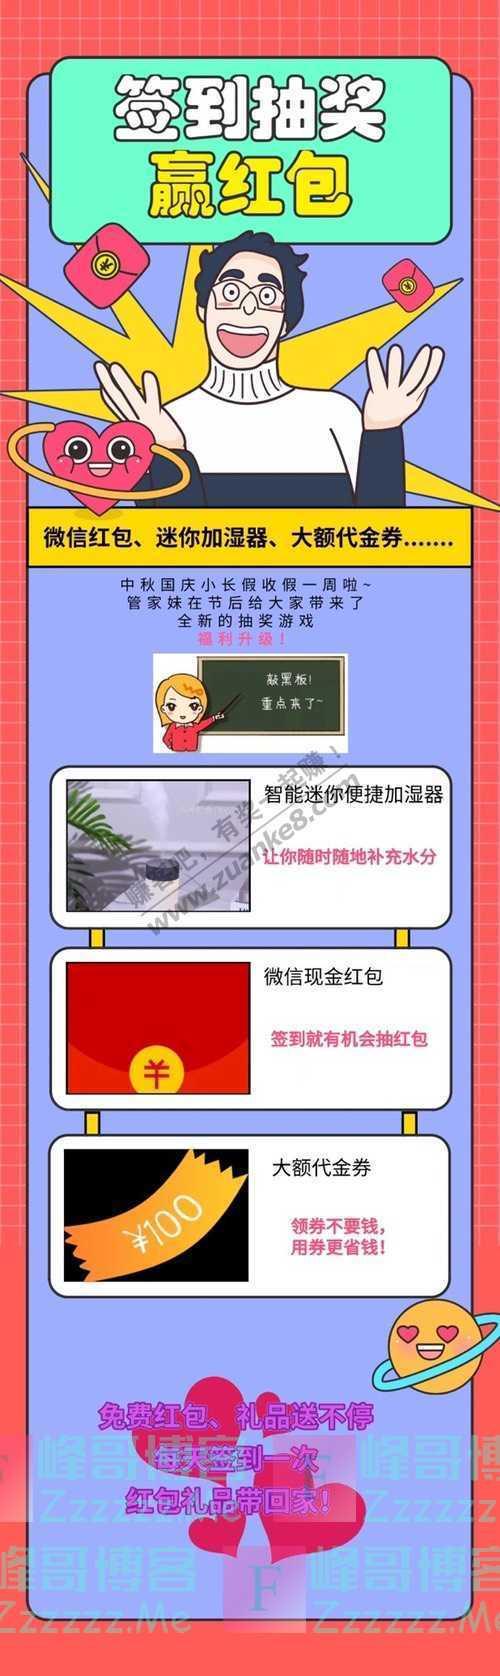 河北118114家节后综合症怎么办?快来签到赢大礼!(10月24日截止)